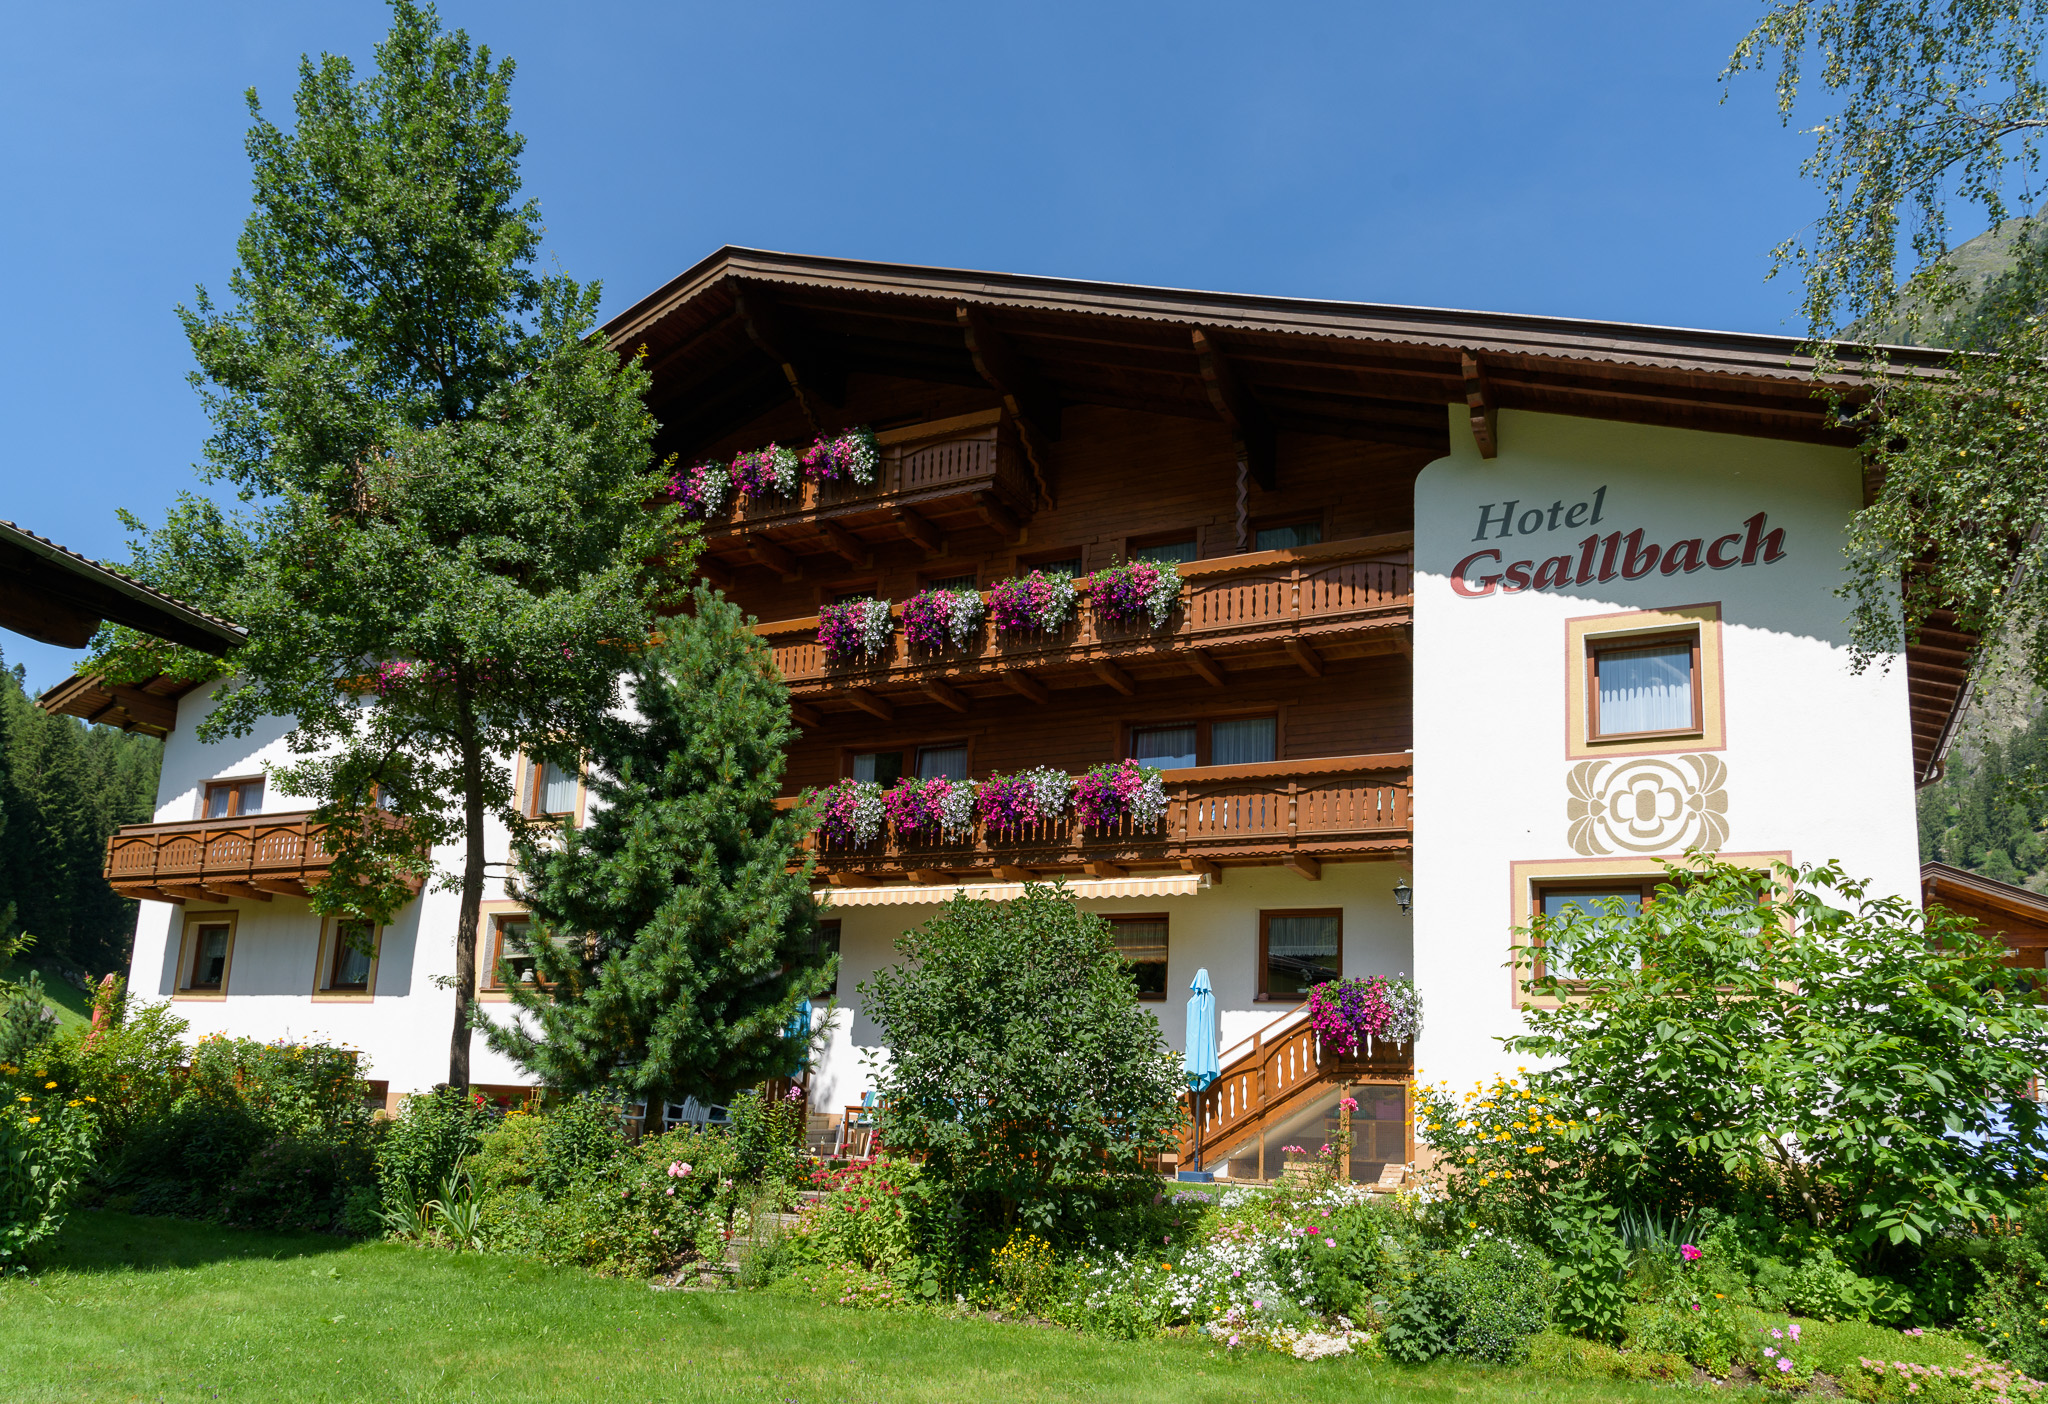 Urlaub Hotel Gsallbach